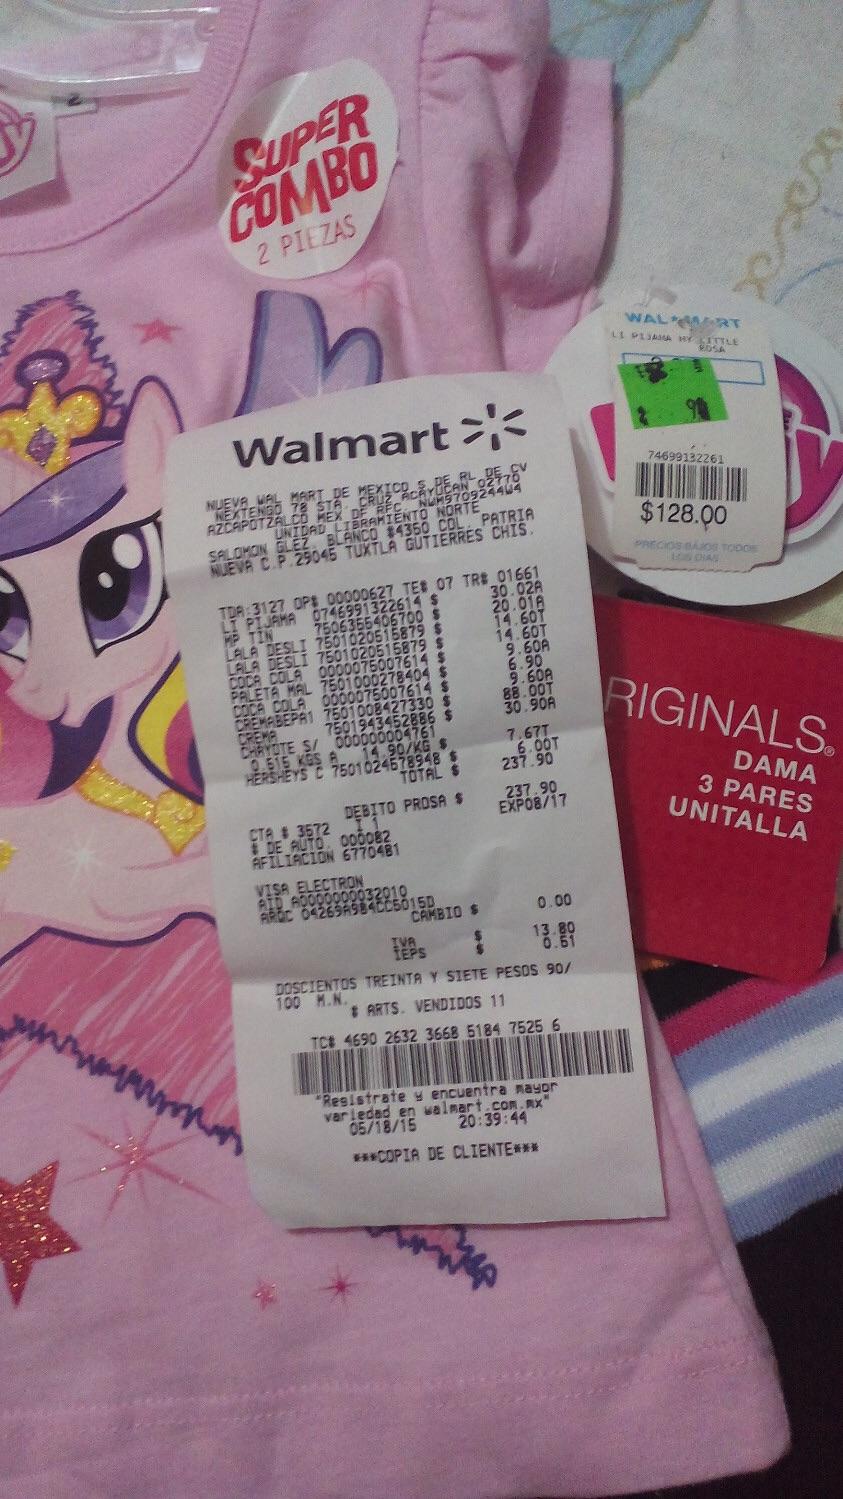 Walmart: Pijama para niñas a $30.02 y tines 3 pares por $20.01